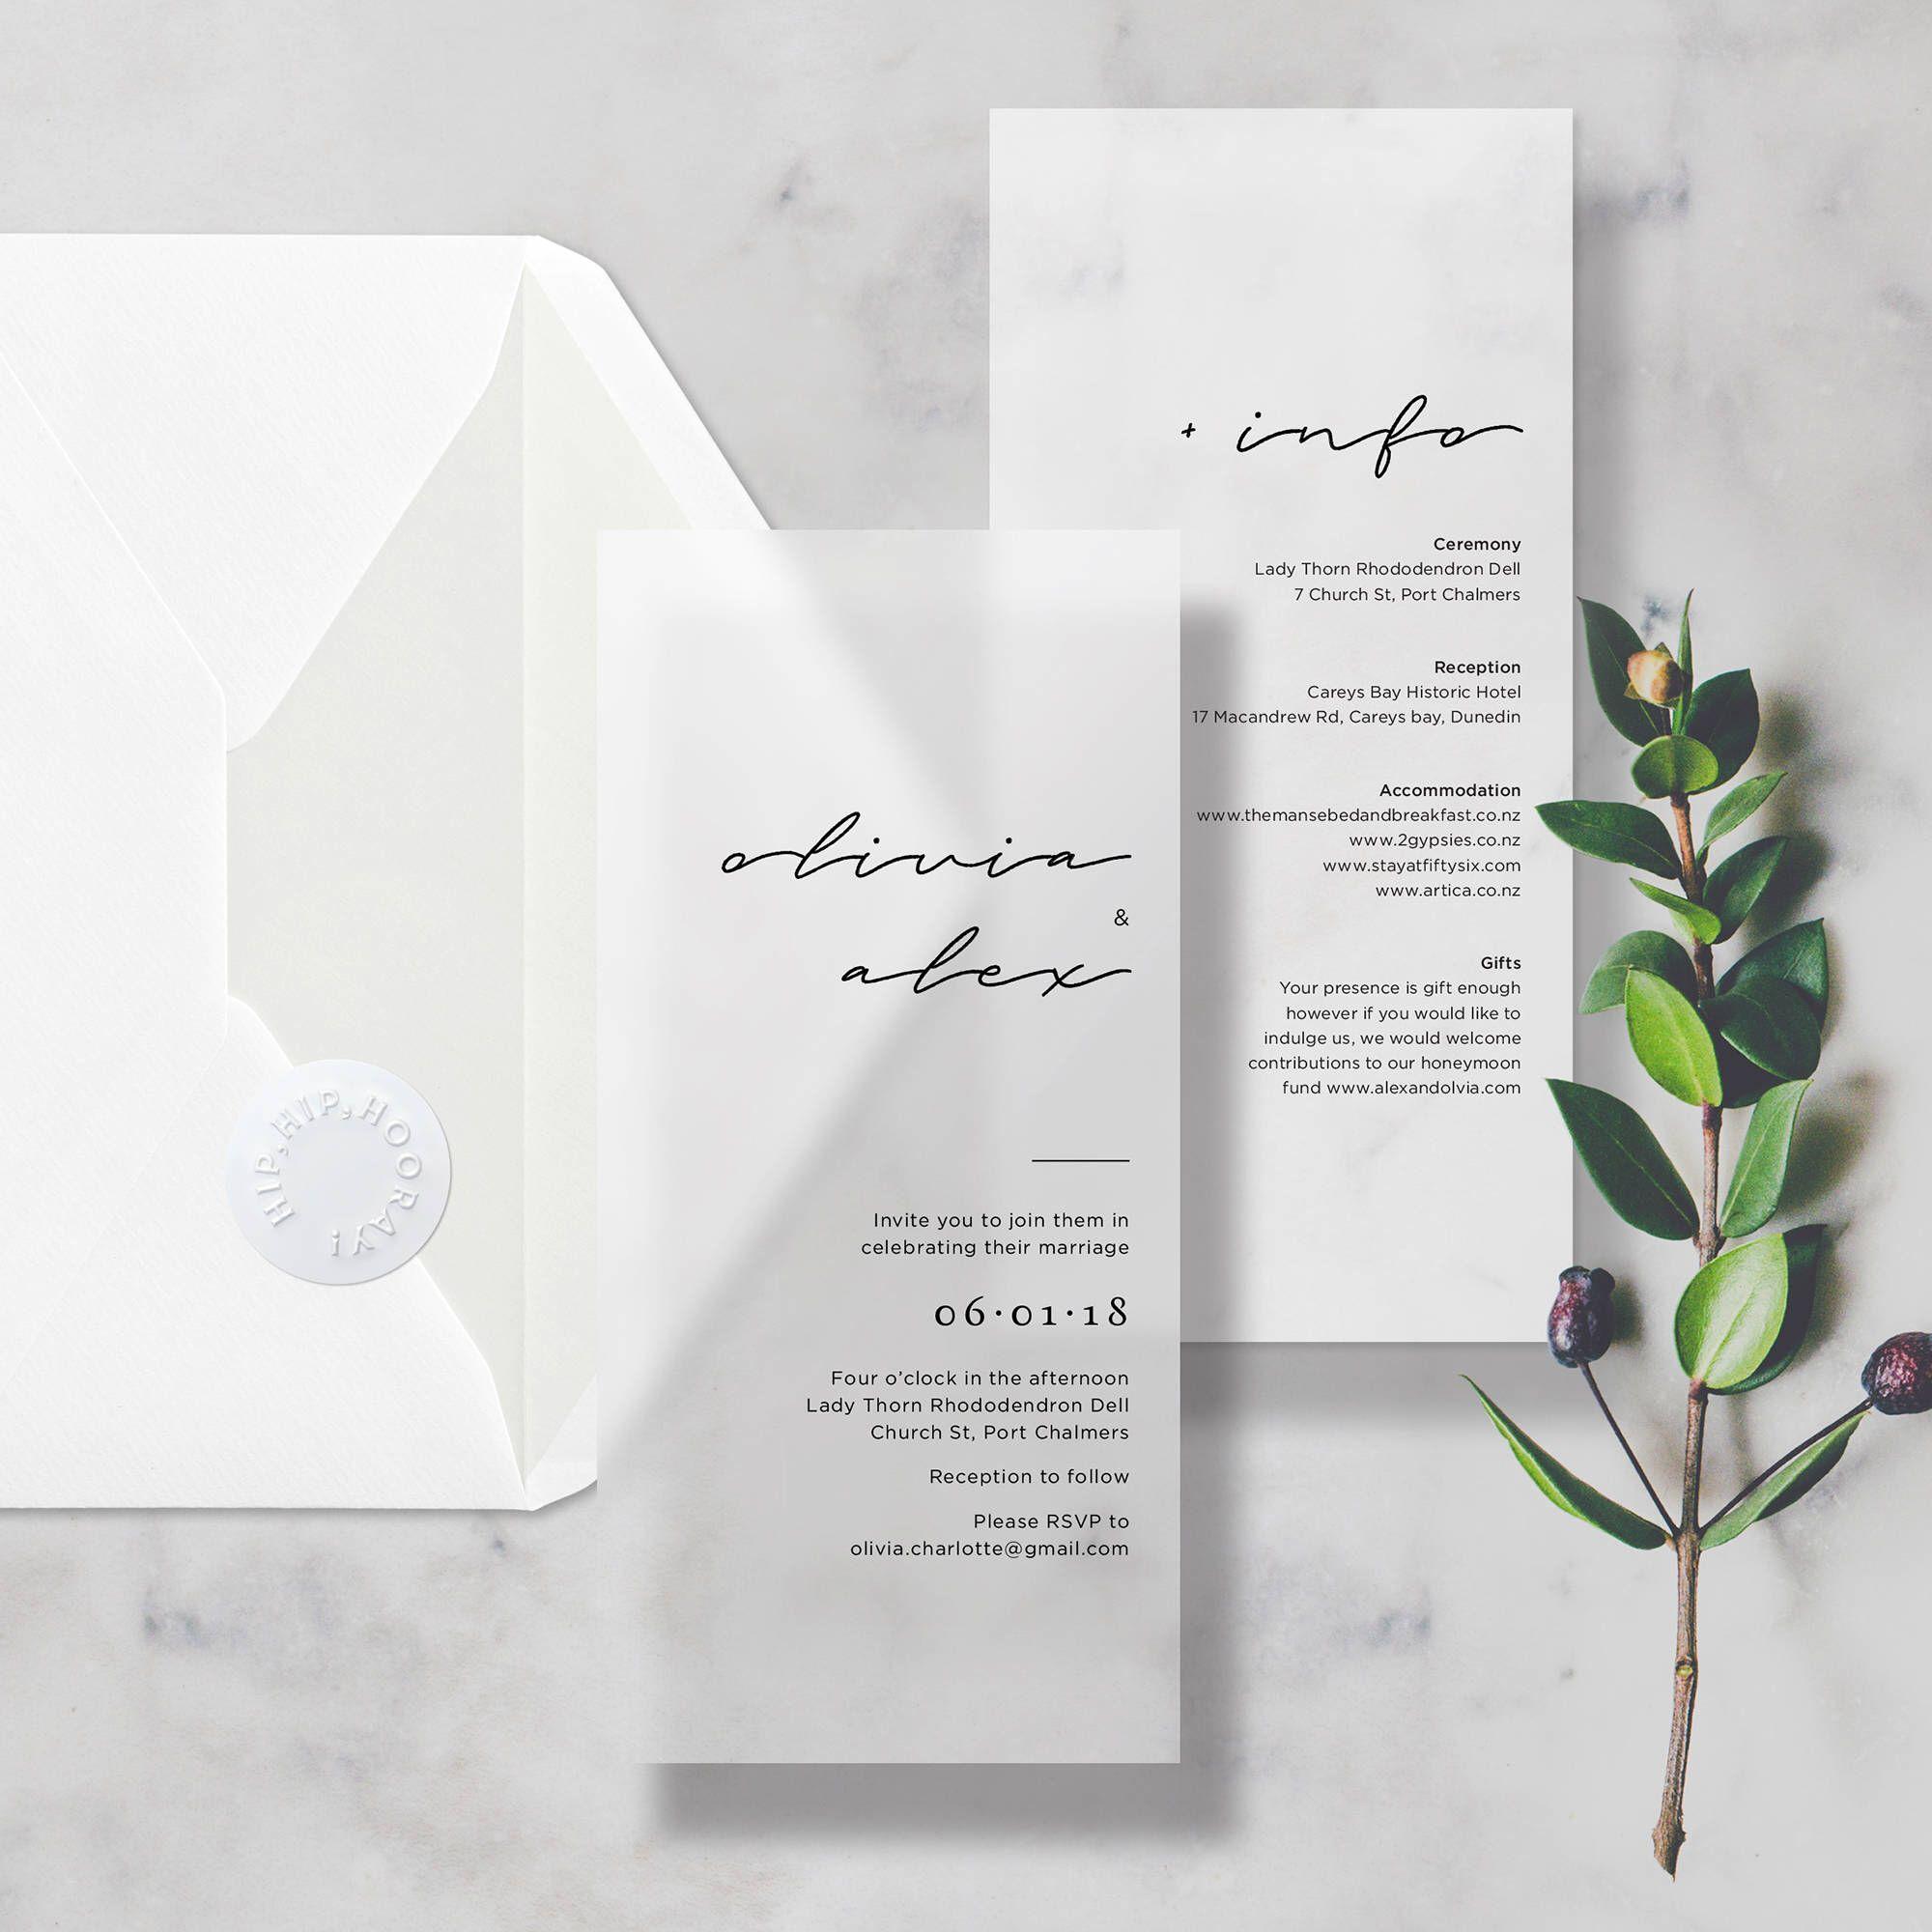 Vellum minimal translucent wedding invitationinvite includes info